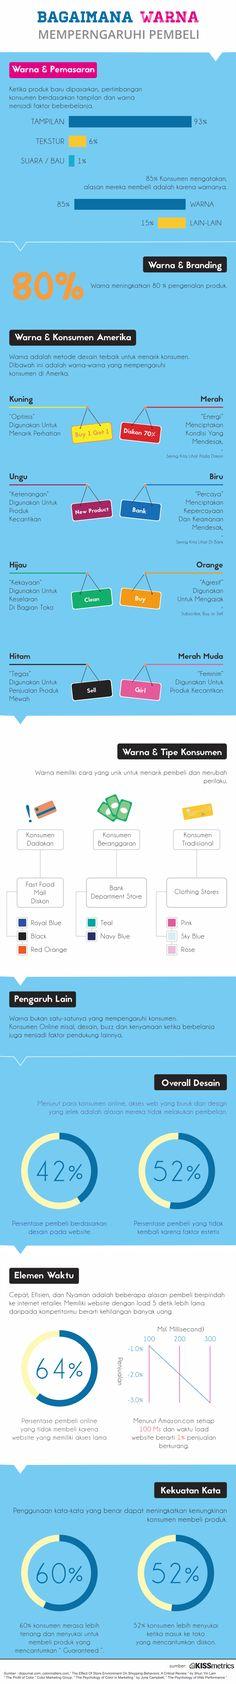 [Infografis] Bagaimana warna memperngaruhi pembeli